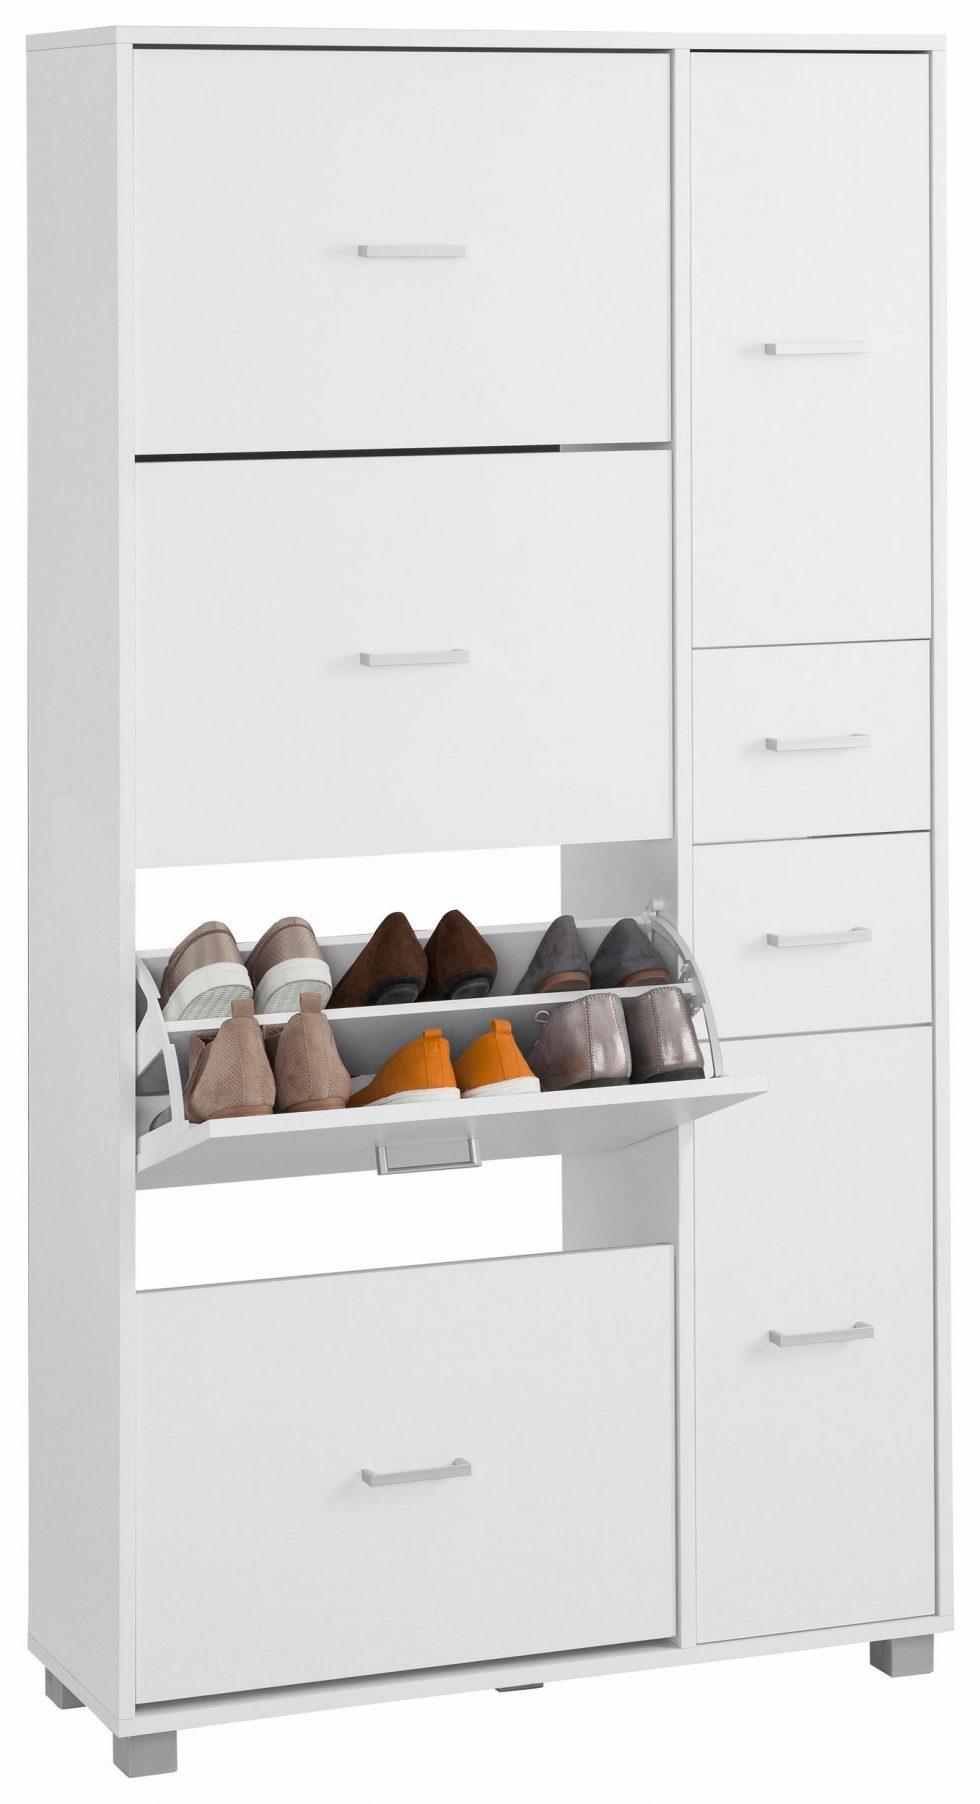 über 50% sparen - Schuhschränke im Angebot | Cherry Möbel